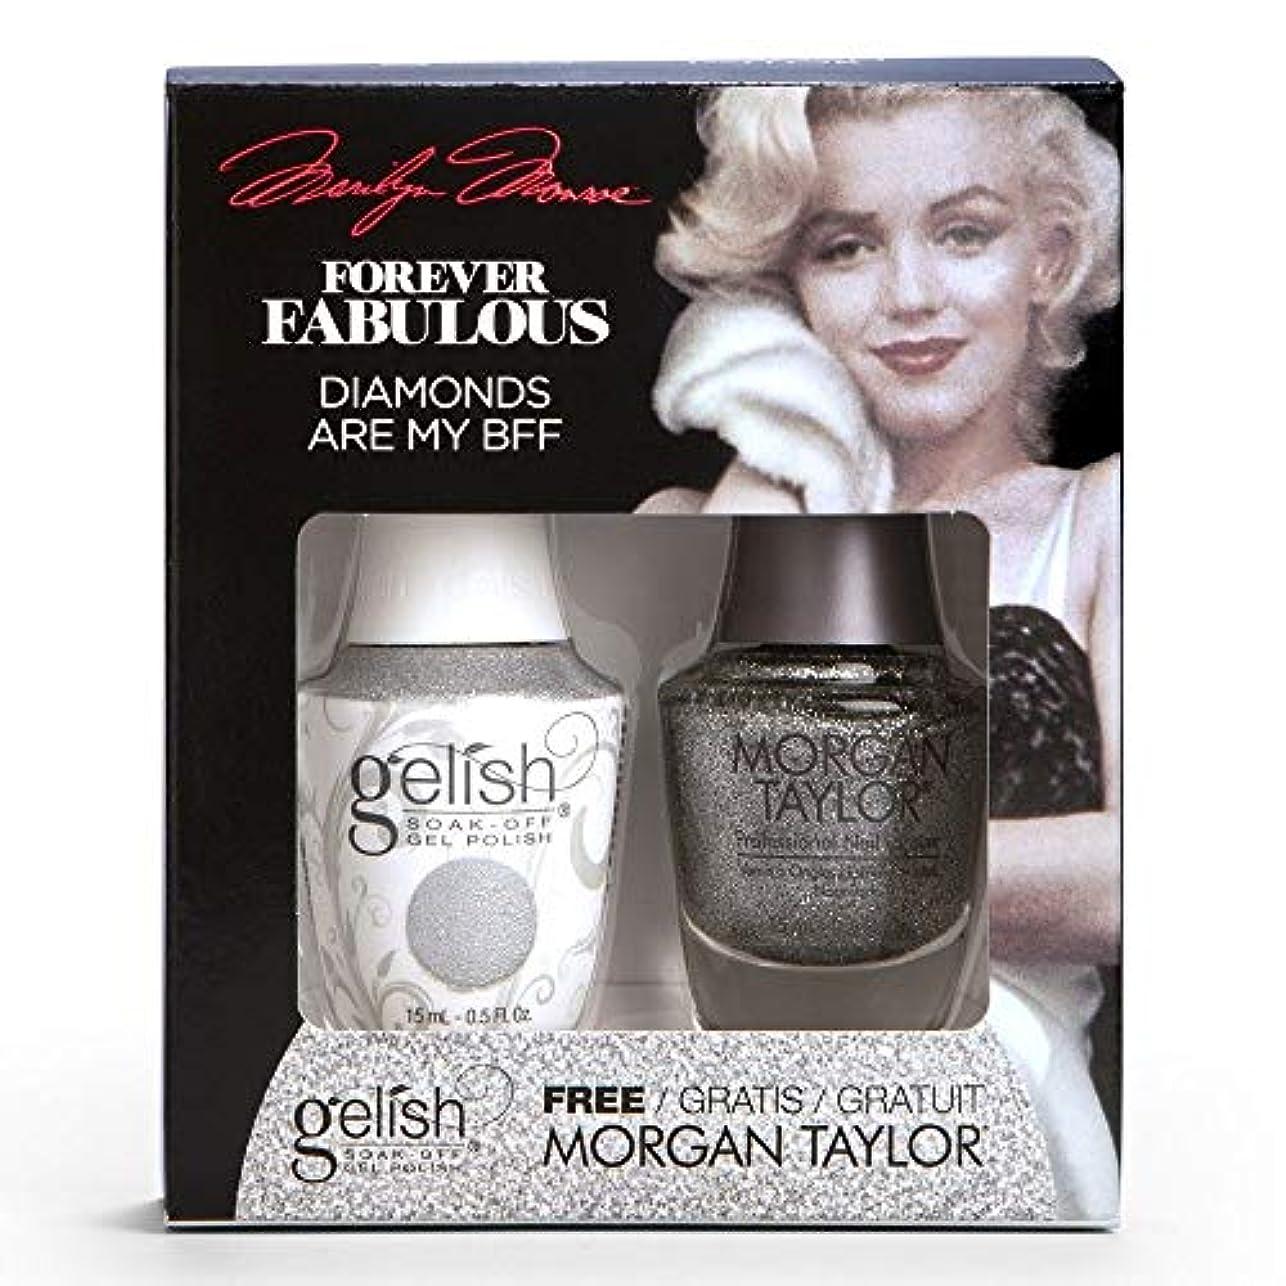 死ぬ火炎フレキシブルHarmony Gelish & Morgan Taylor - Two Of A Kind - Forever Fabulous Marilyn Monroe - Diamonds Are My BFF - 15 mL / 0.5 Oz